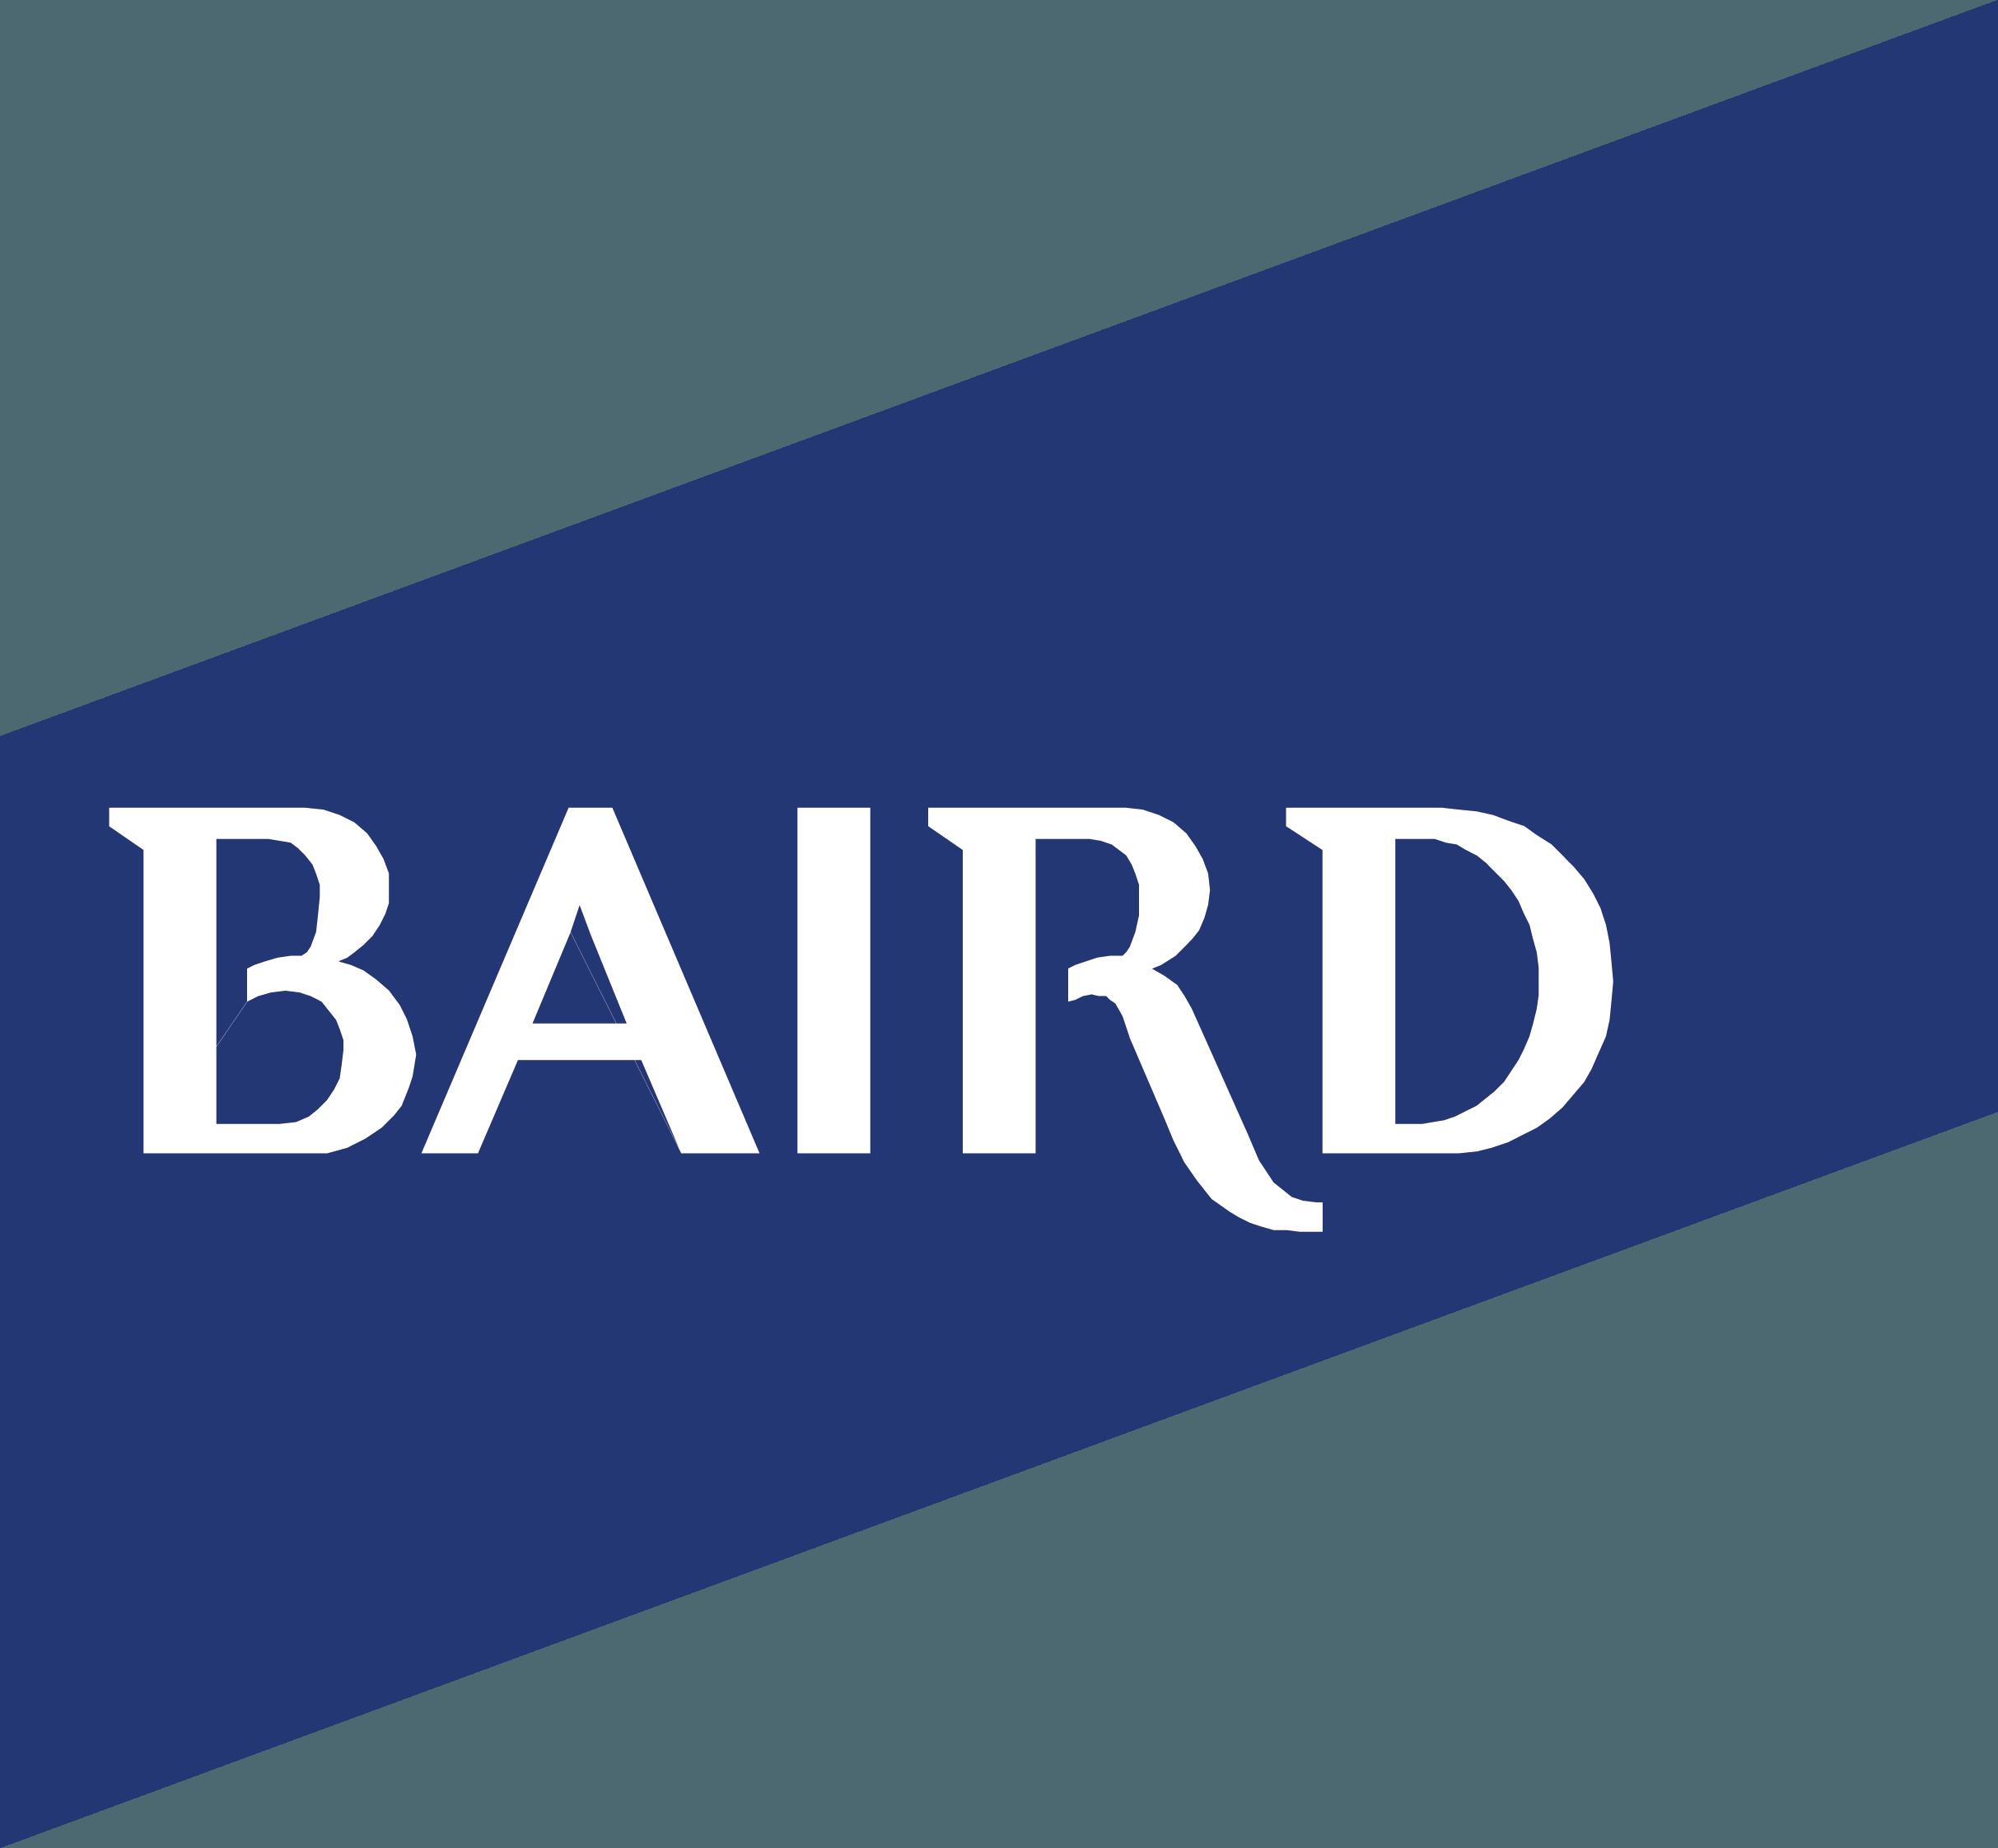 Baird Logo [rwbaird.com] png